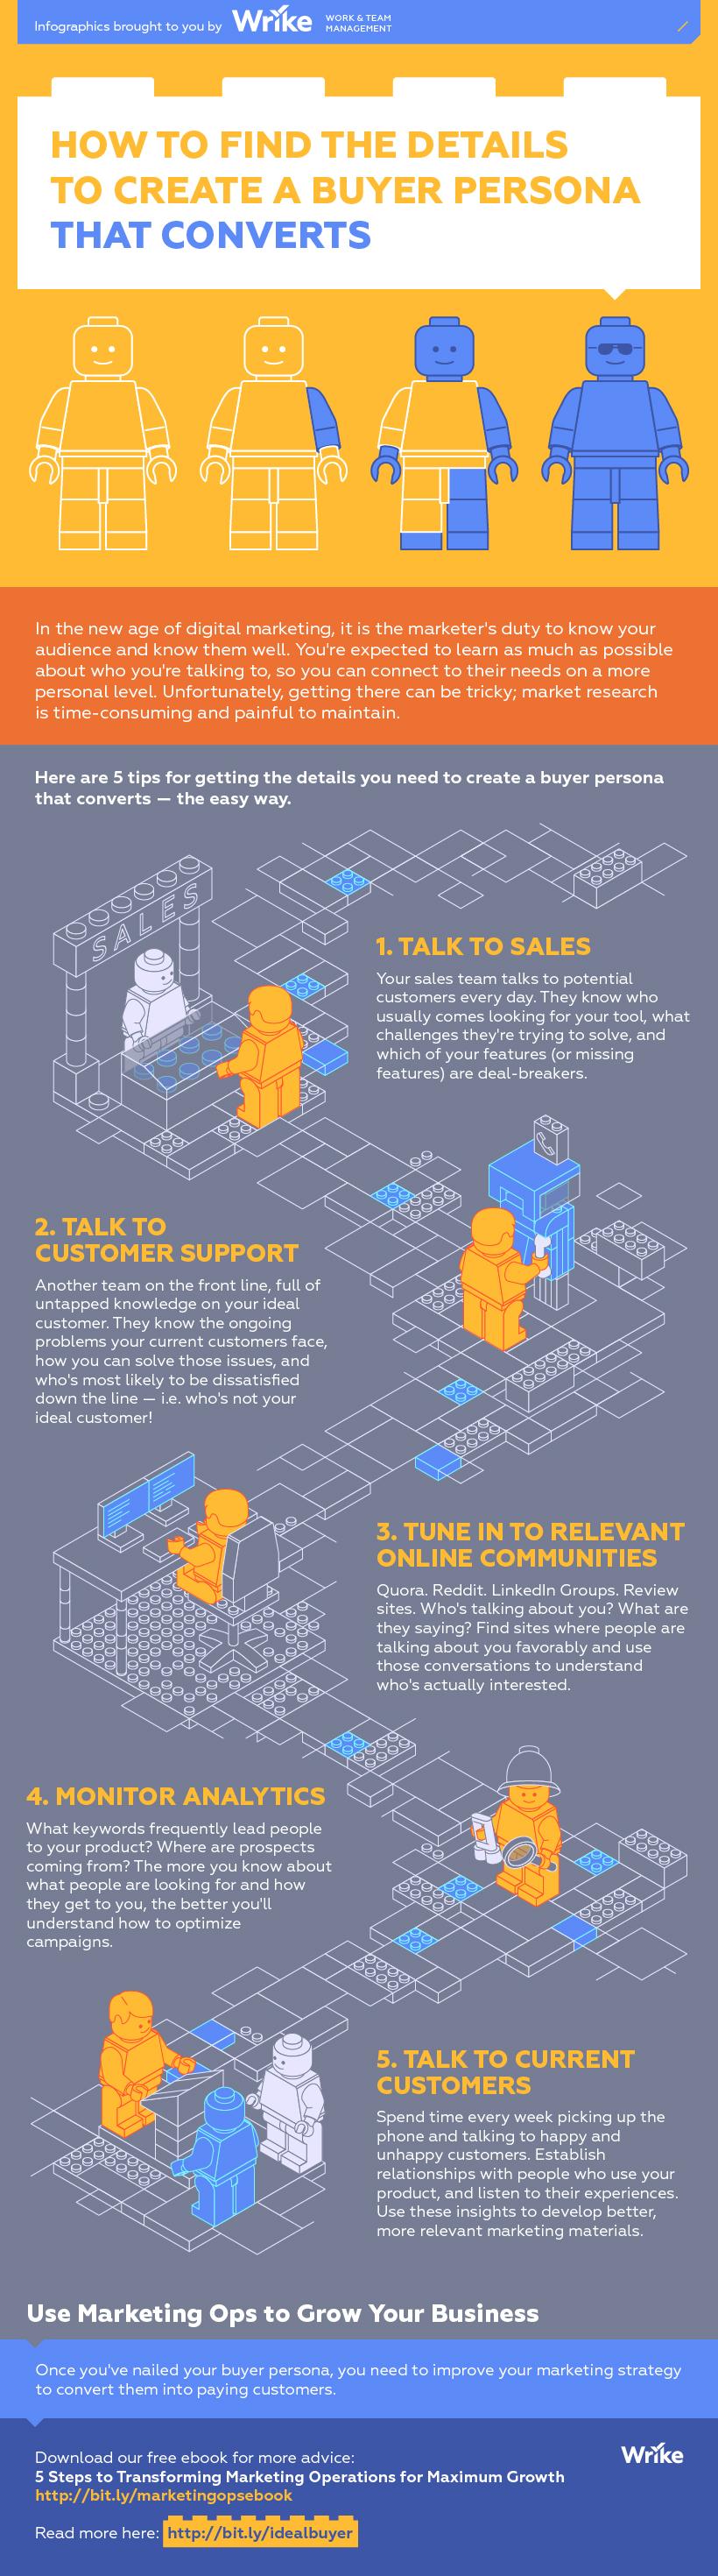 Cómo crear el Buyer Person que convierta #infografia #infographic #marketing